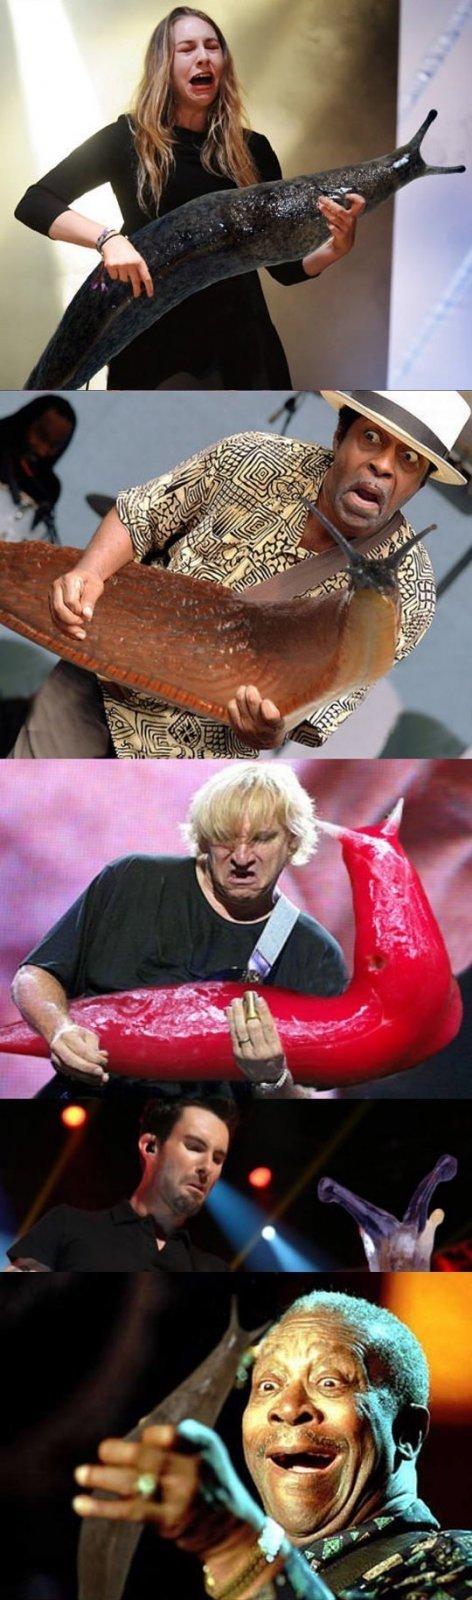 Ar pastebėjote, kad gitaristai atrodo lyg būtų supratę, jog rankose laiko šliužus?